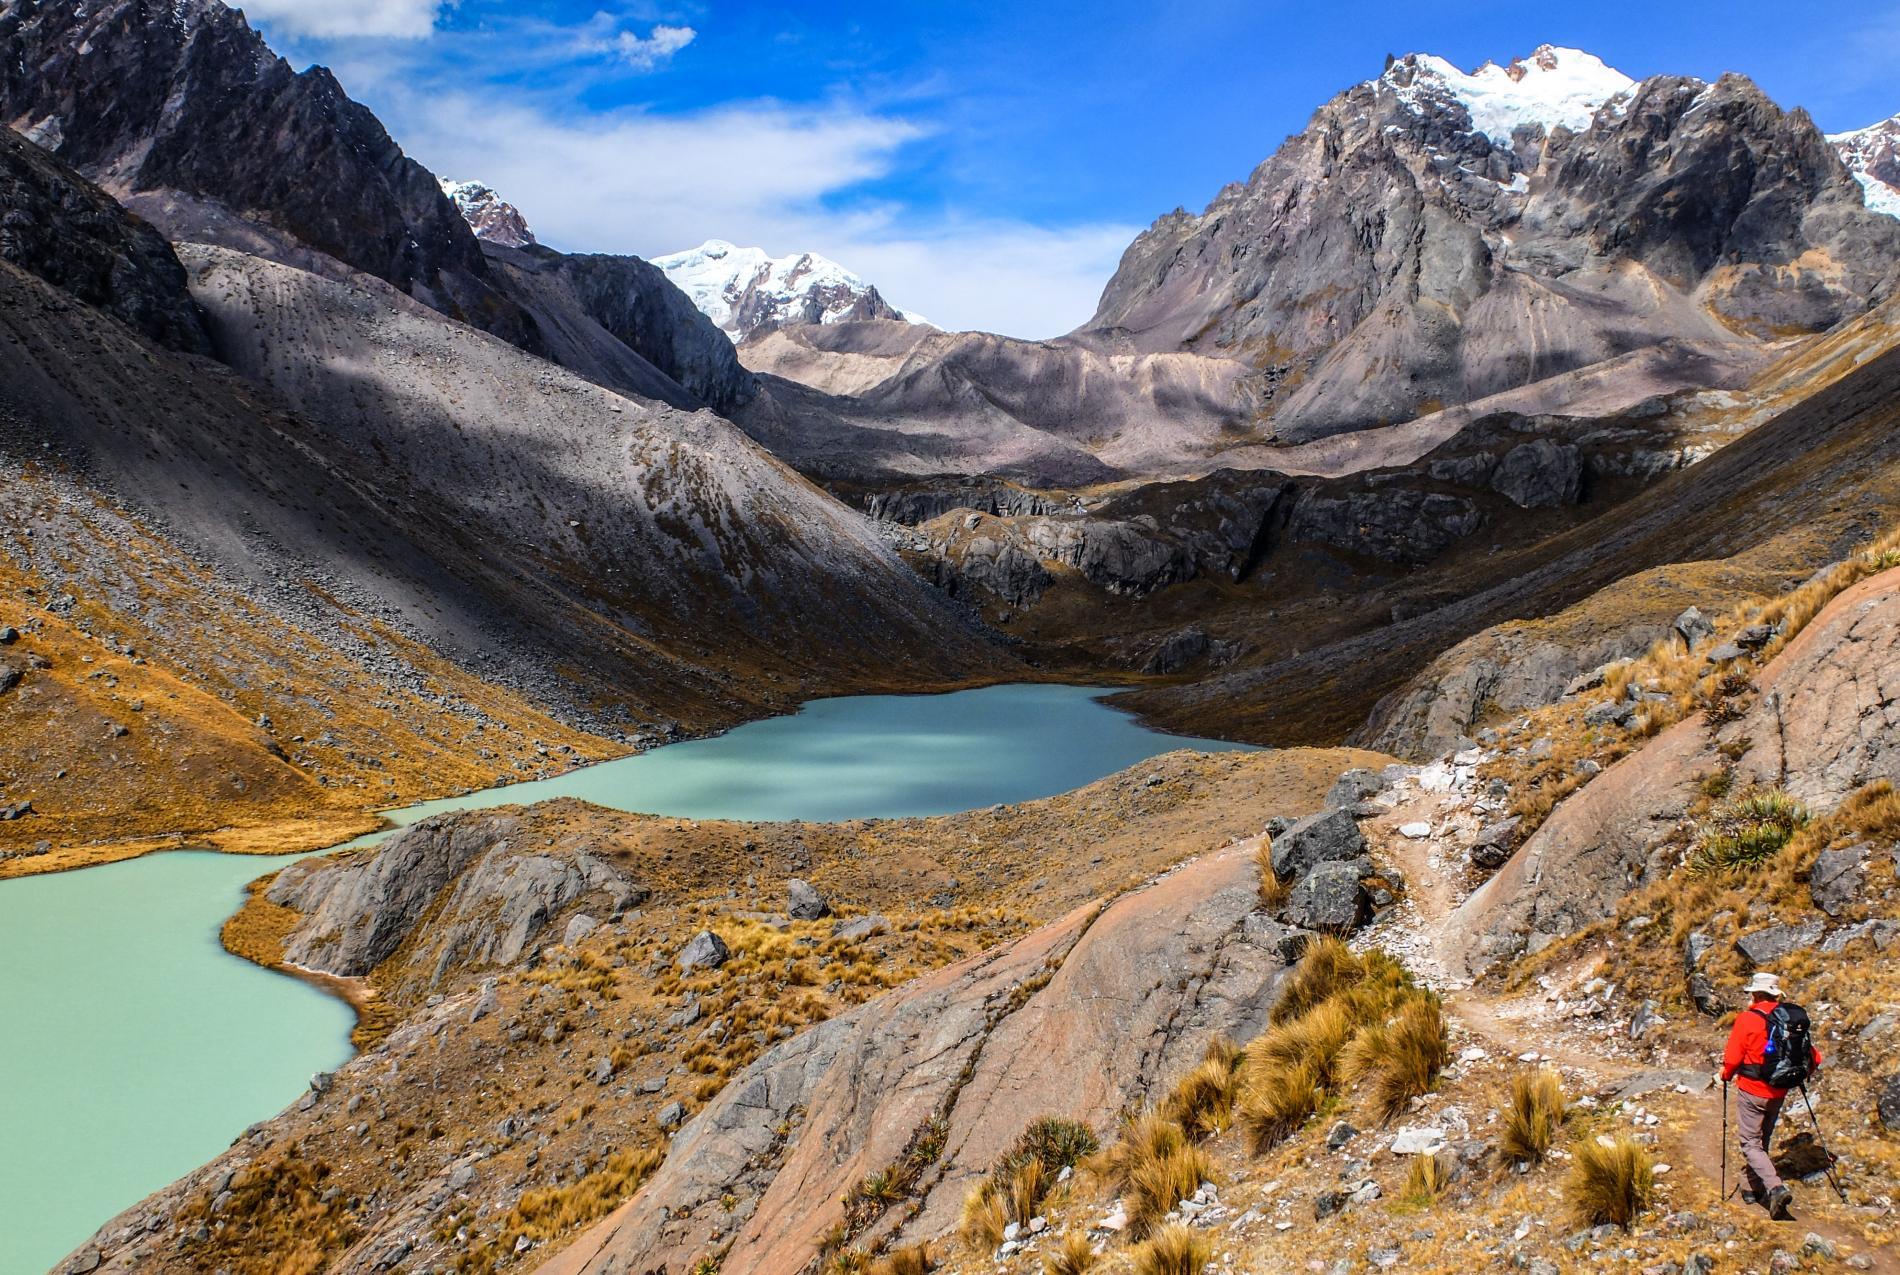 Voyage solidaire Pérou : Vision du Monde - Photo 8